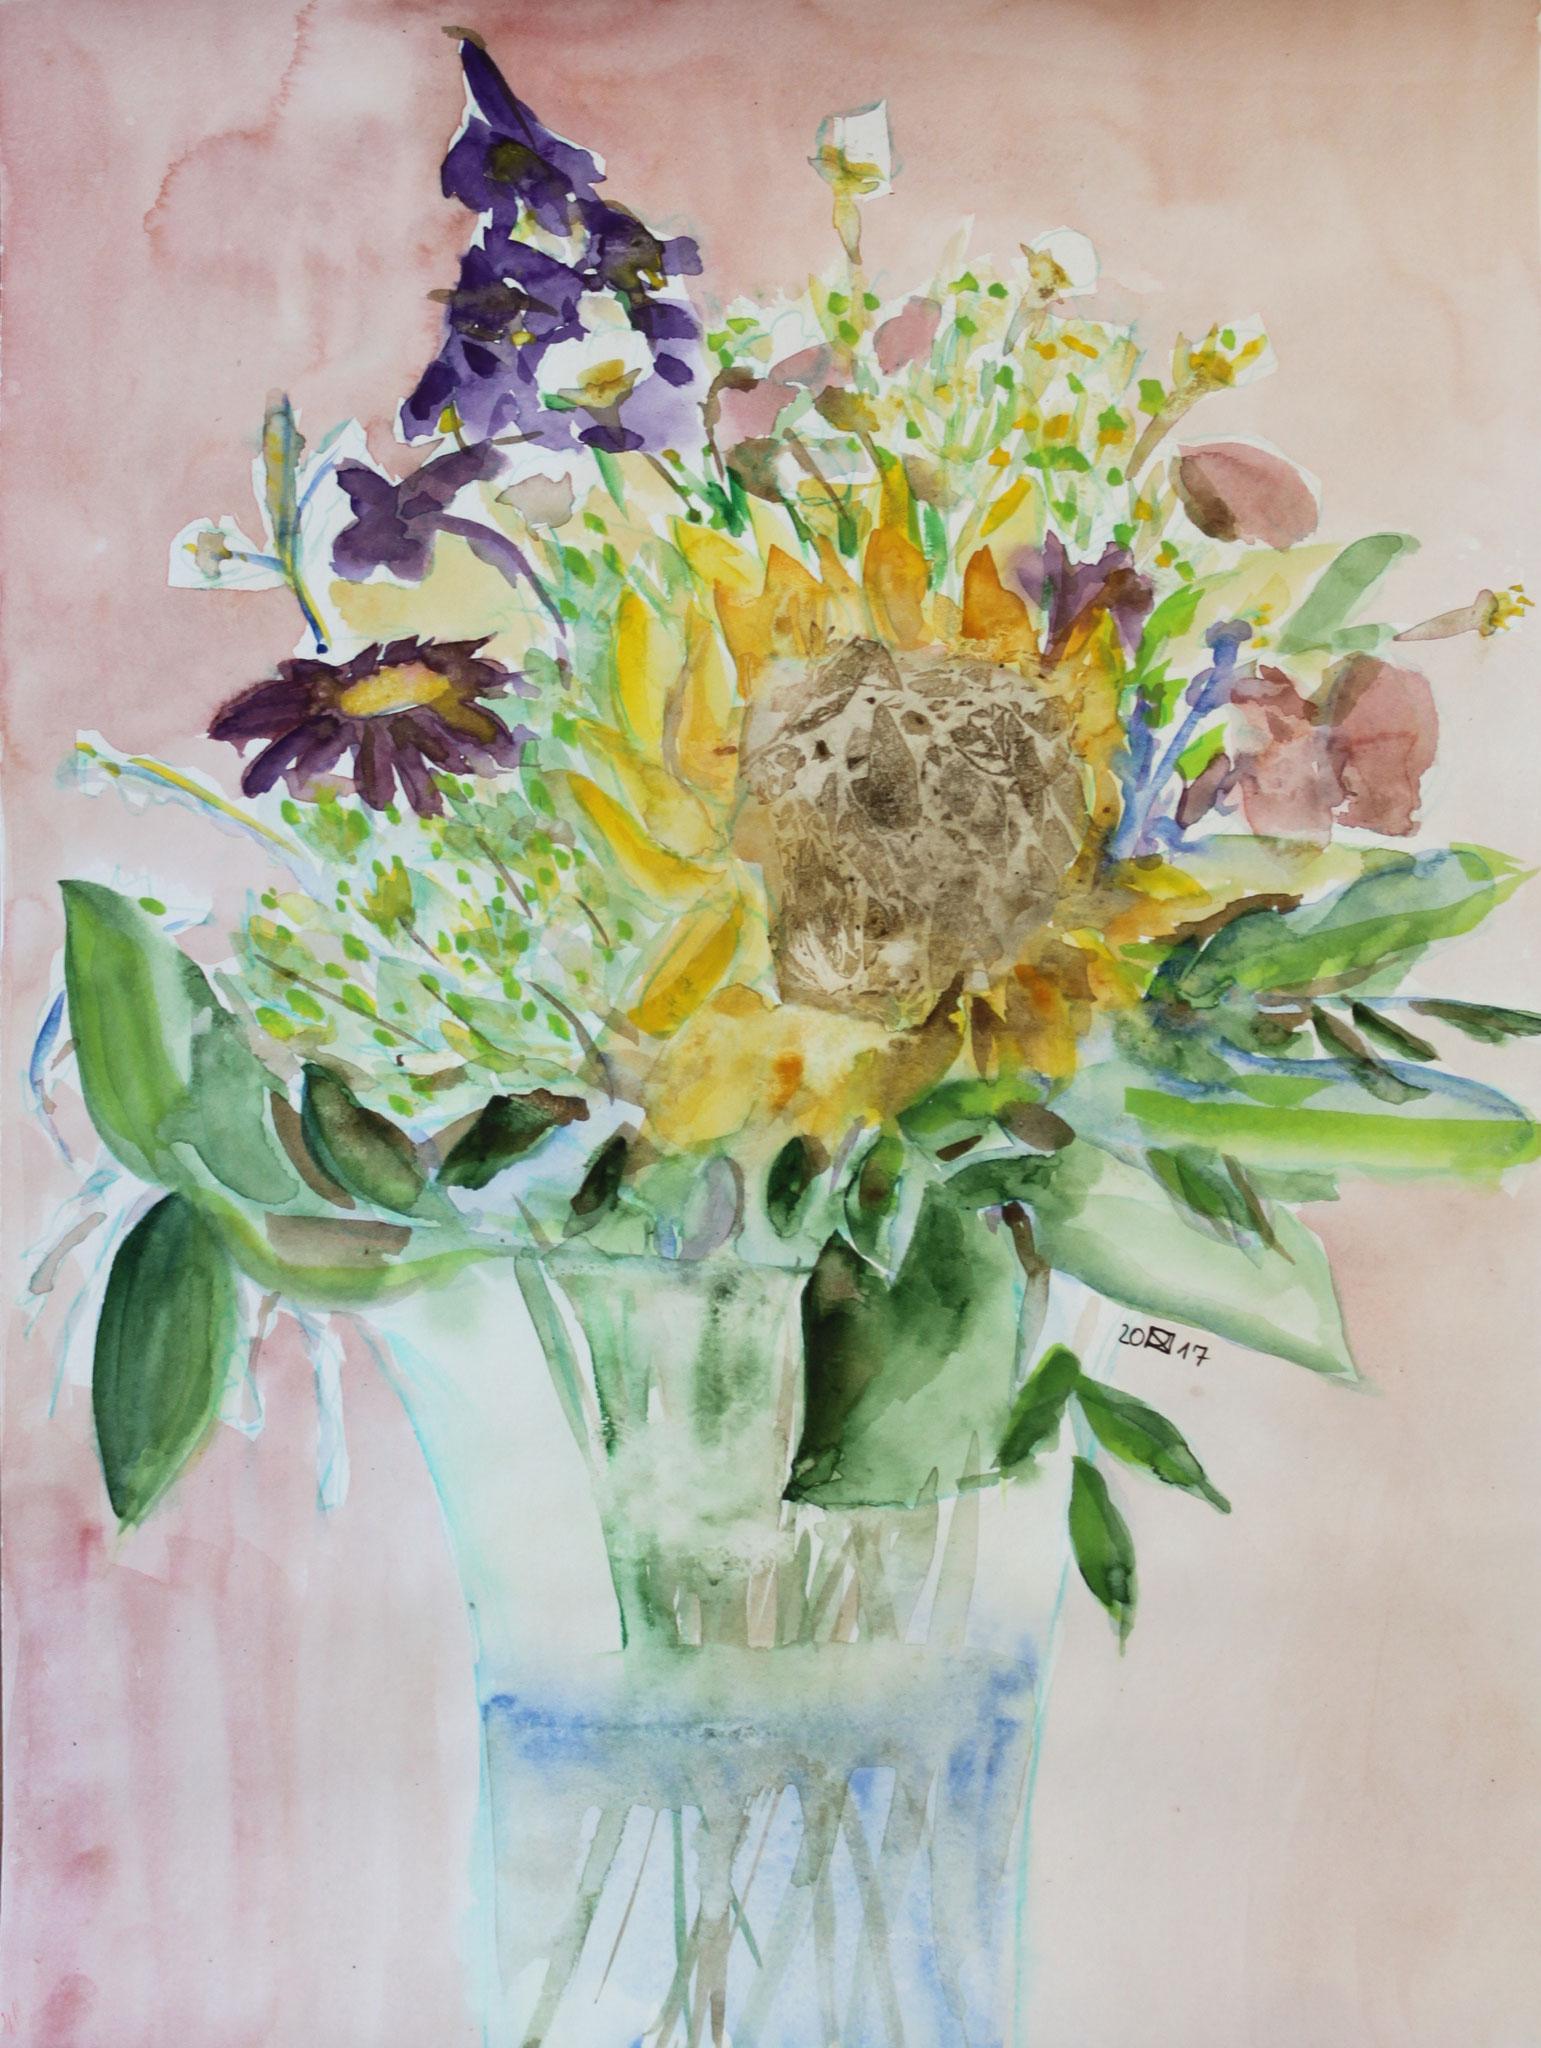 Sonnenblume, 2018, Gouache und Aquarell auf Papier, 42 cm x 30 cm